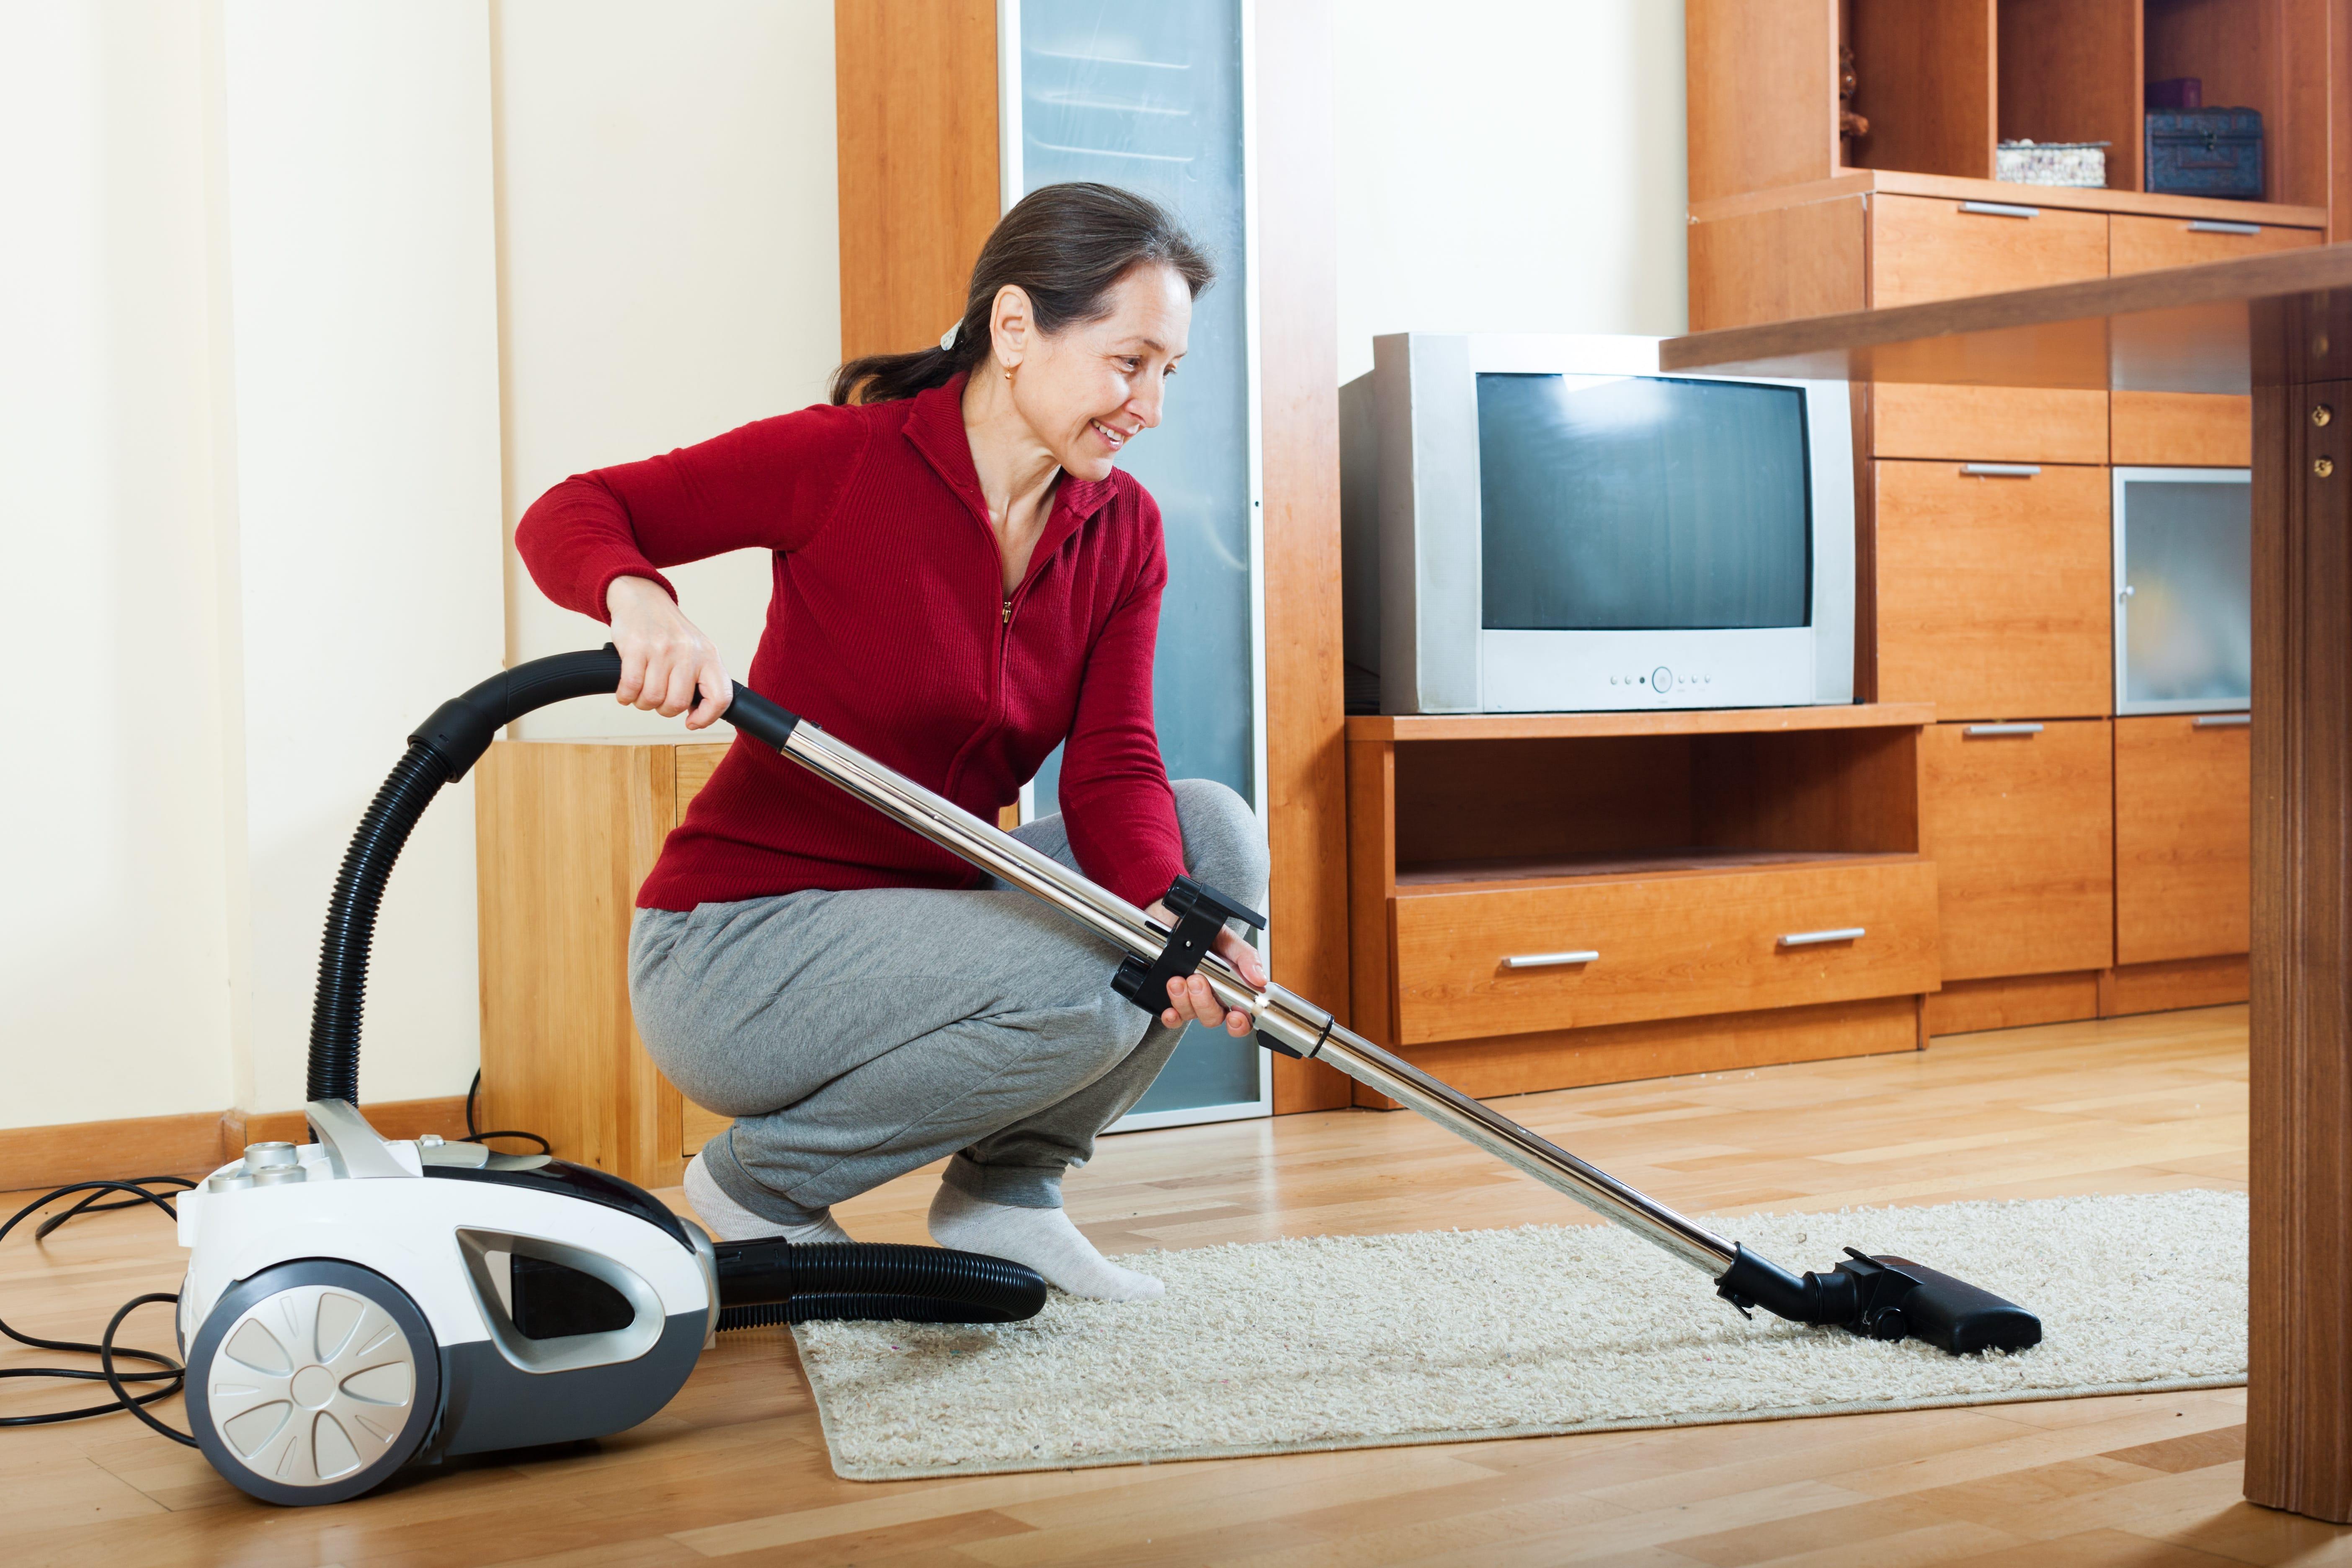 Haushaltsgeräte für Senioren – 5 praktische Helfer vorgestellt